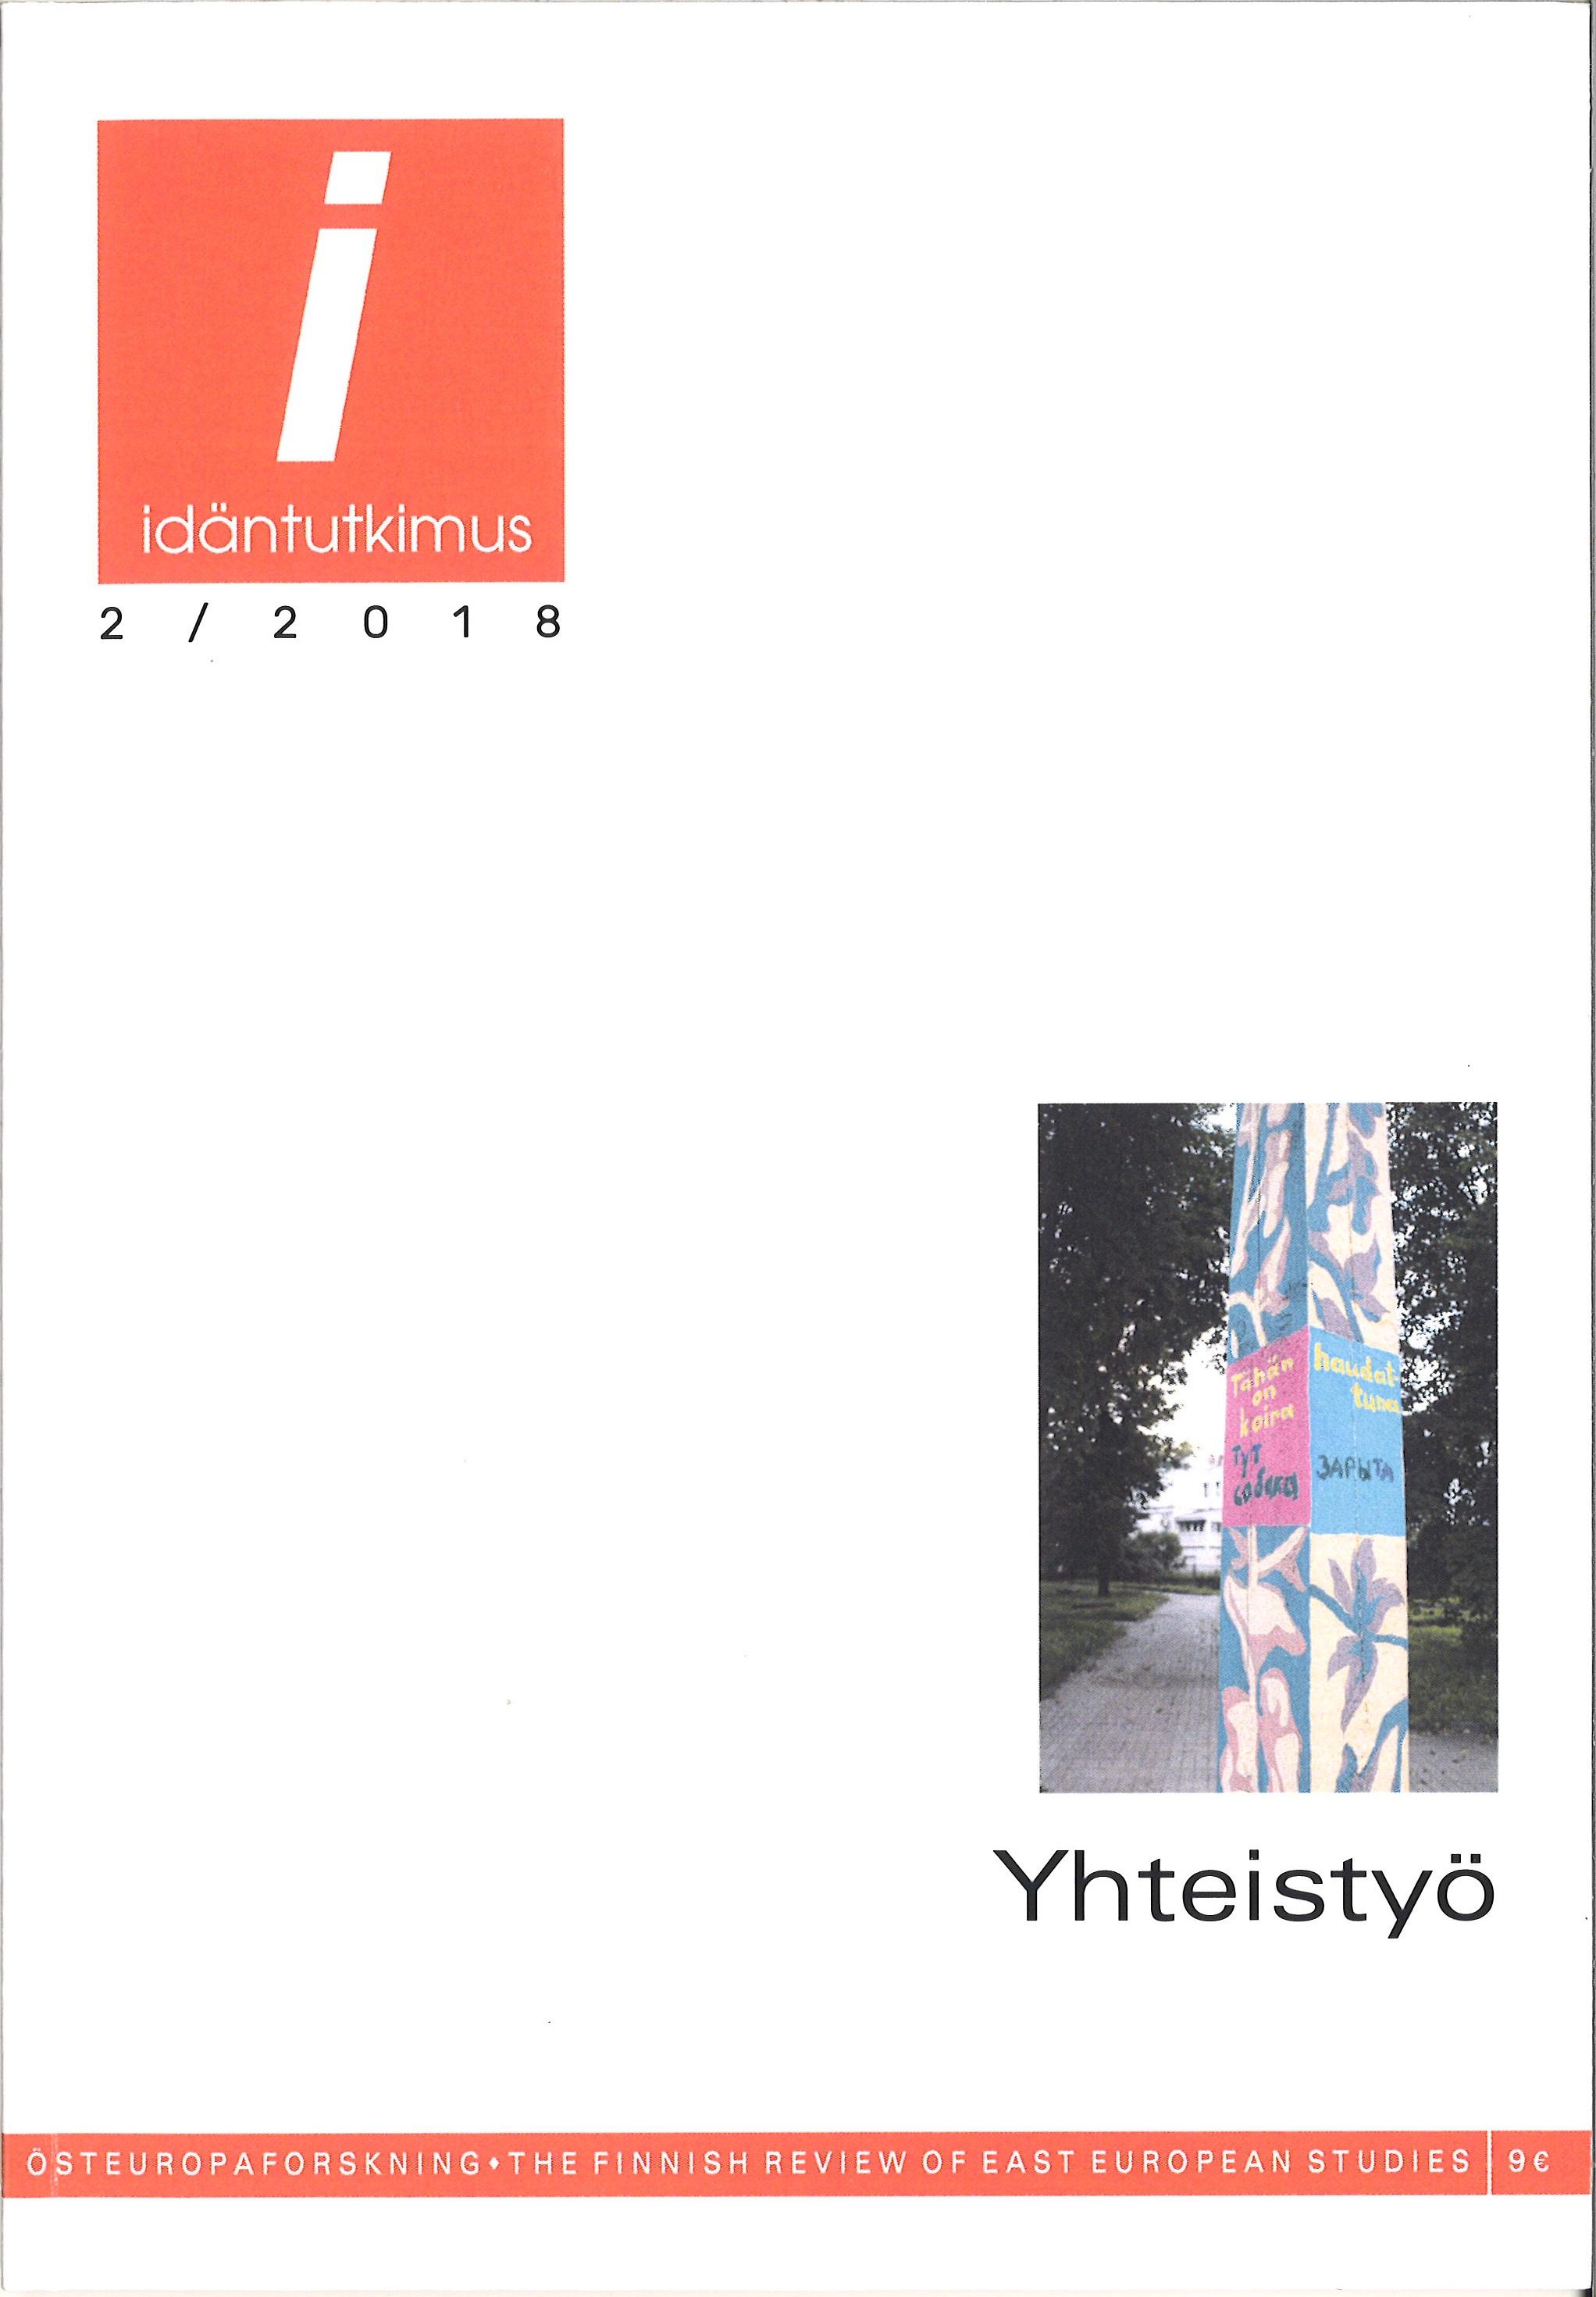 Näytä Vol 25 Nro 2 (2018): Yhteistyö